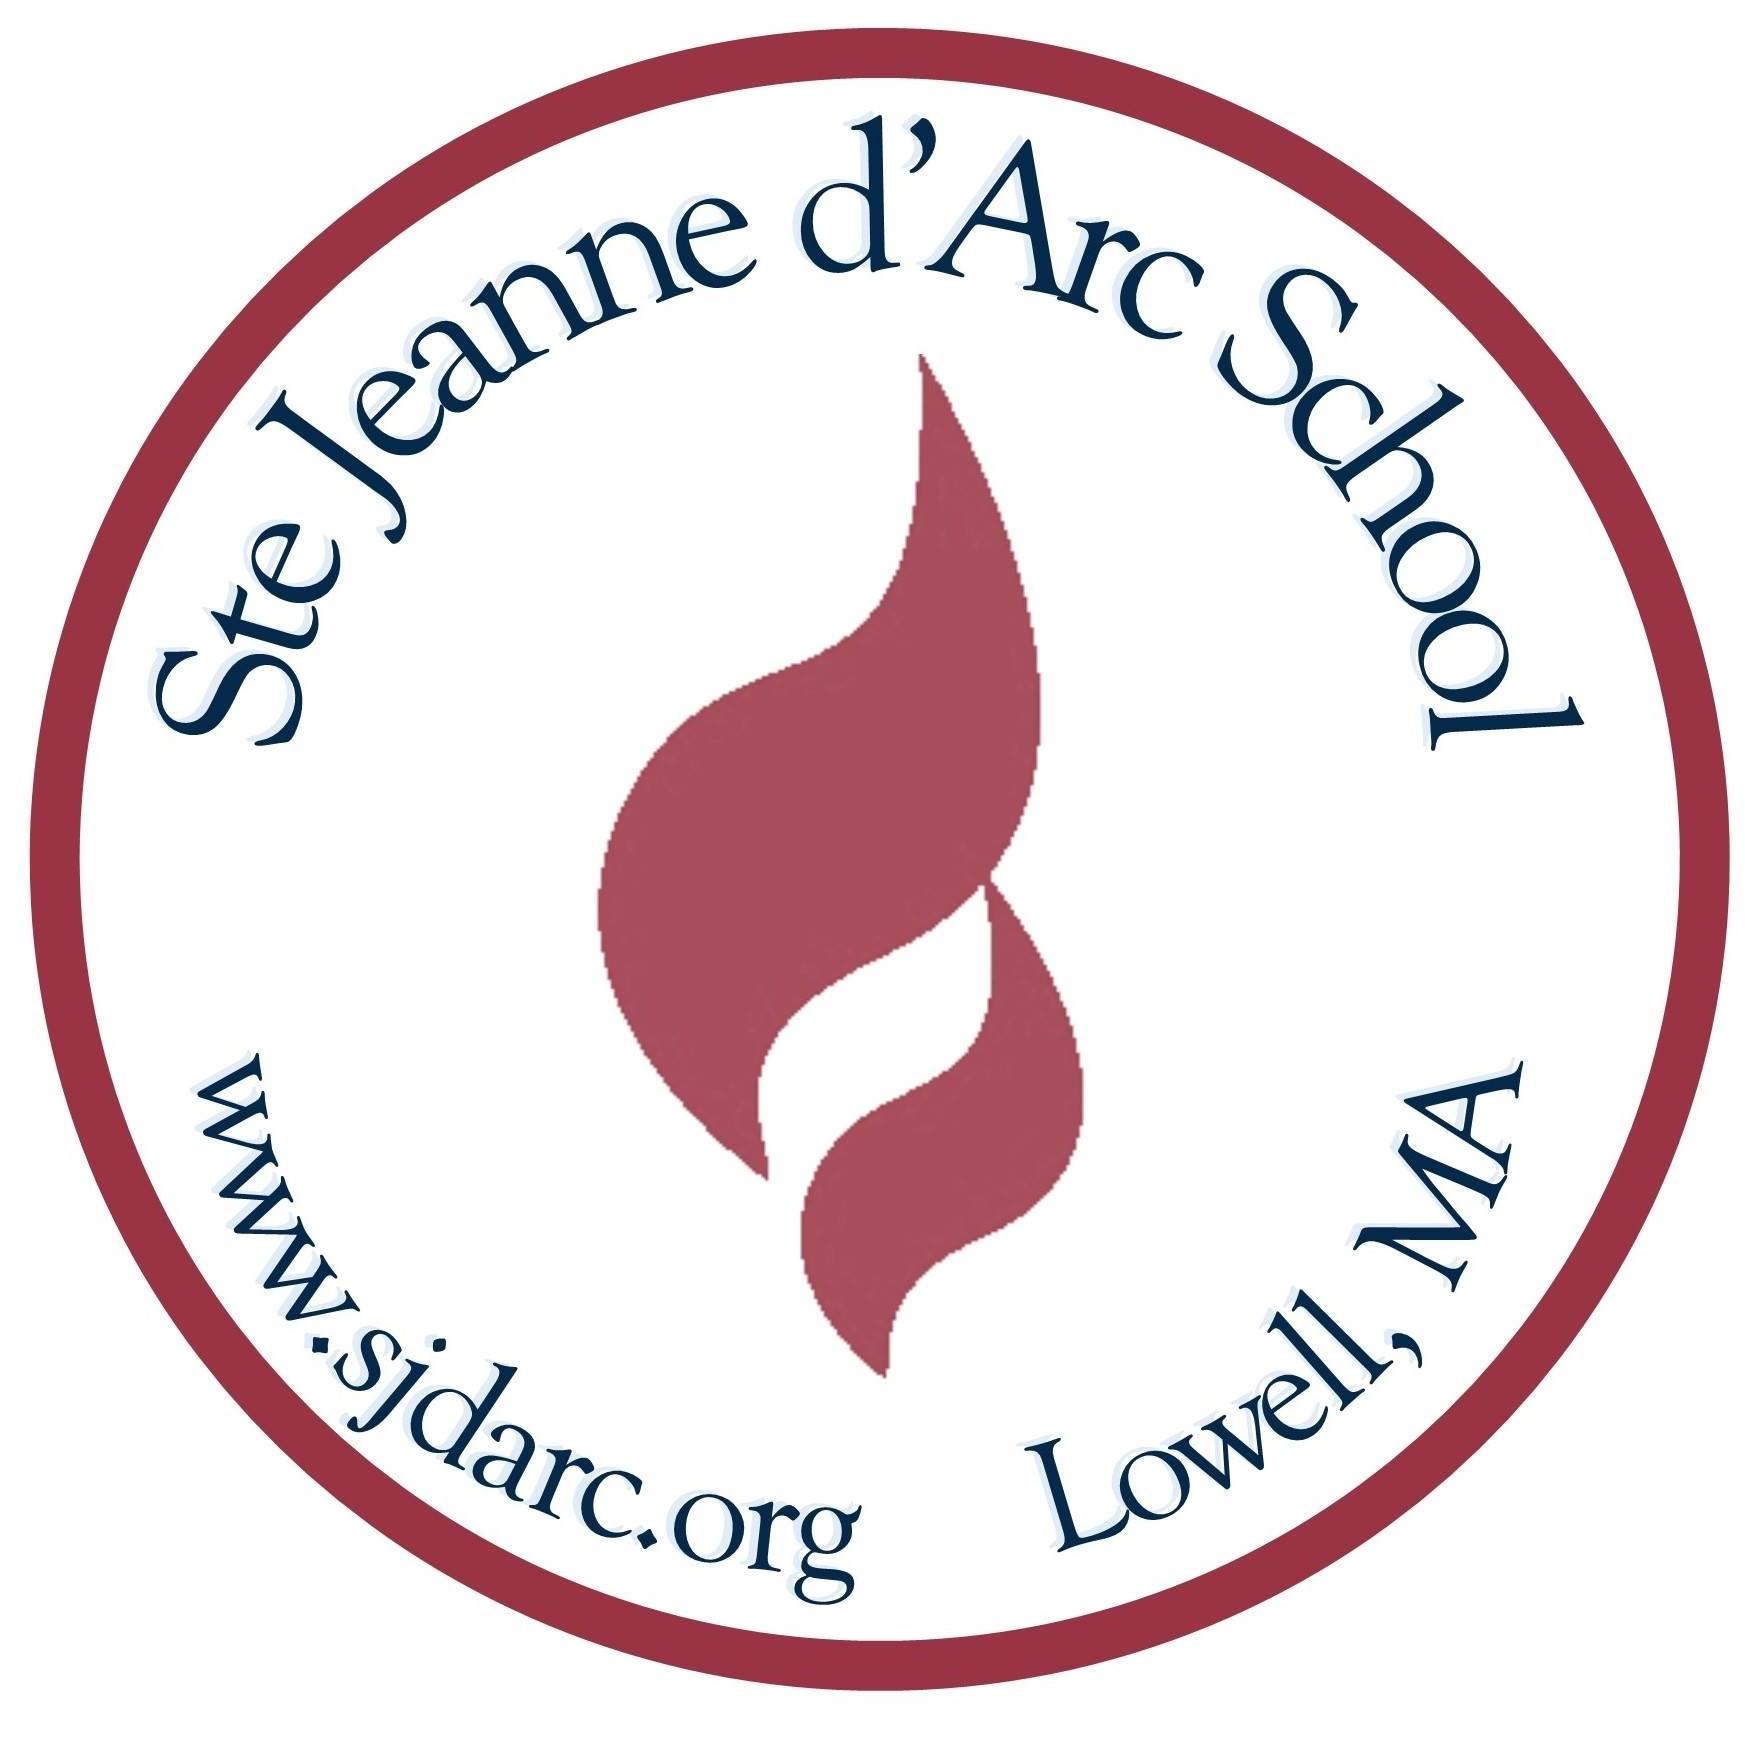 Ste Jeanne d'Arc School